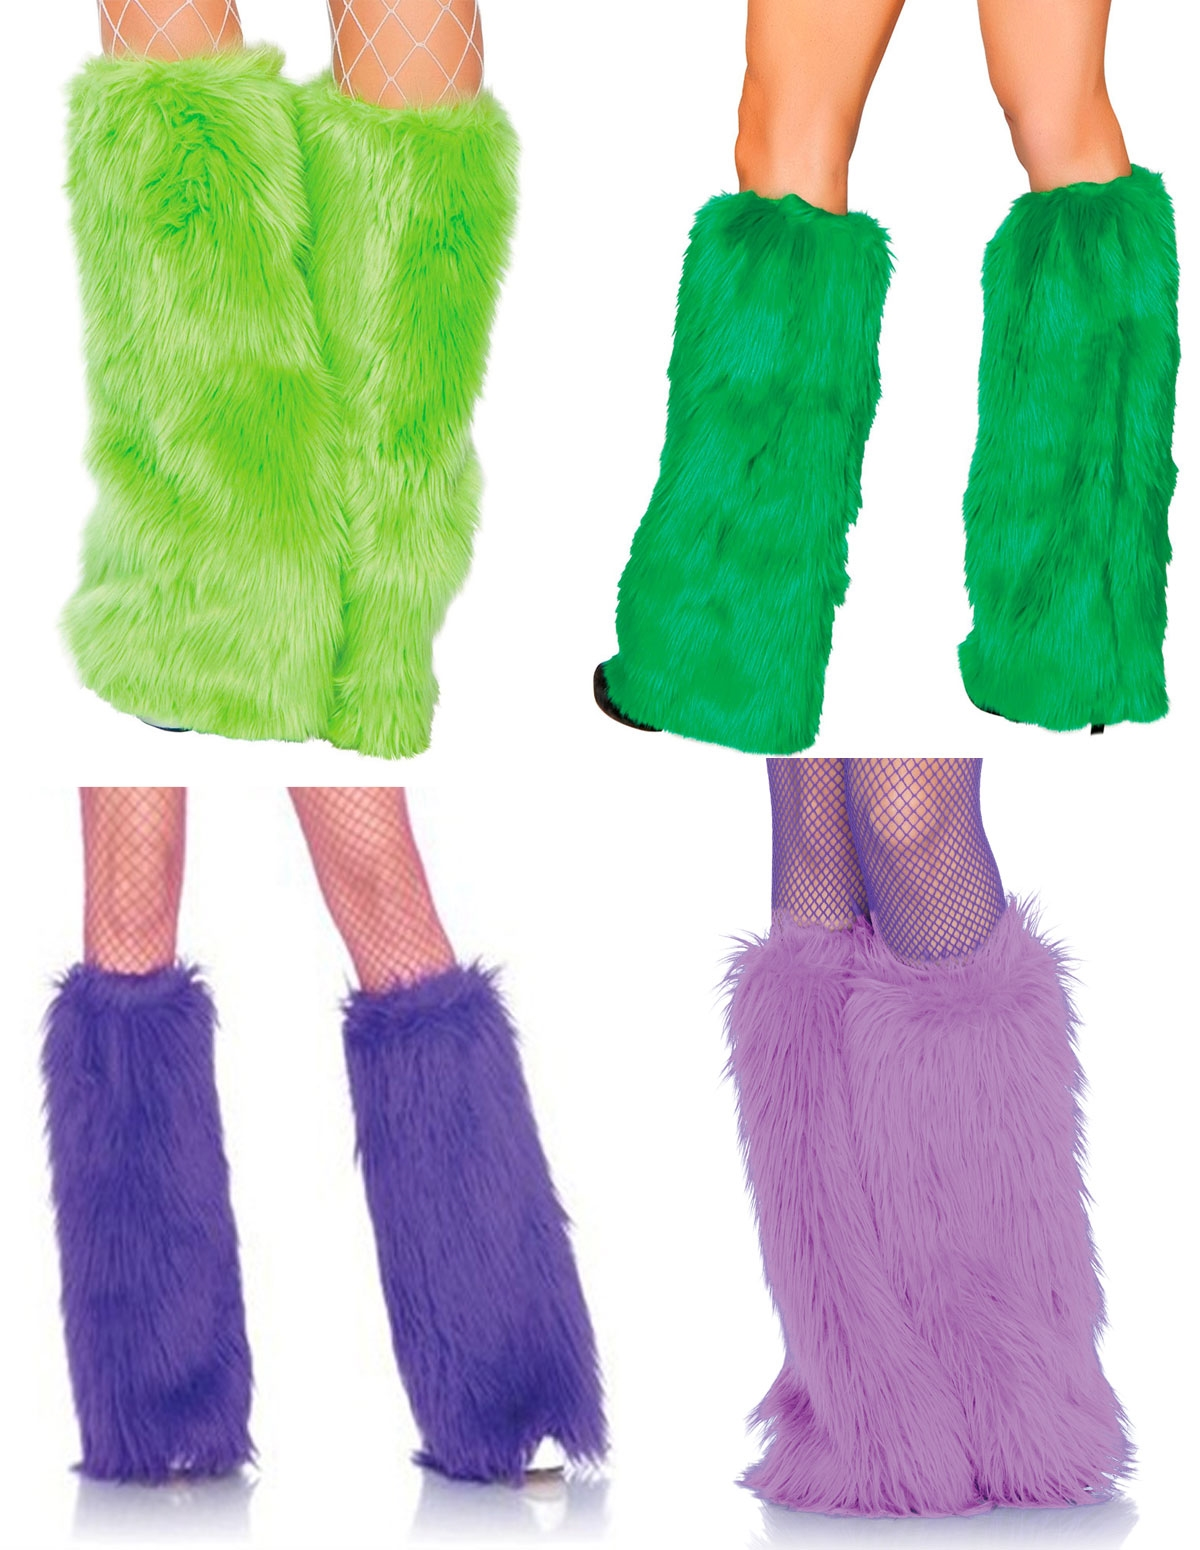 Fur Leg Warmers